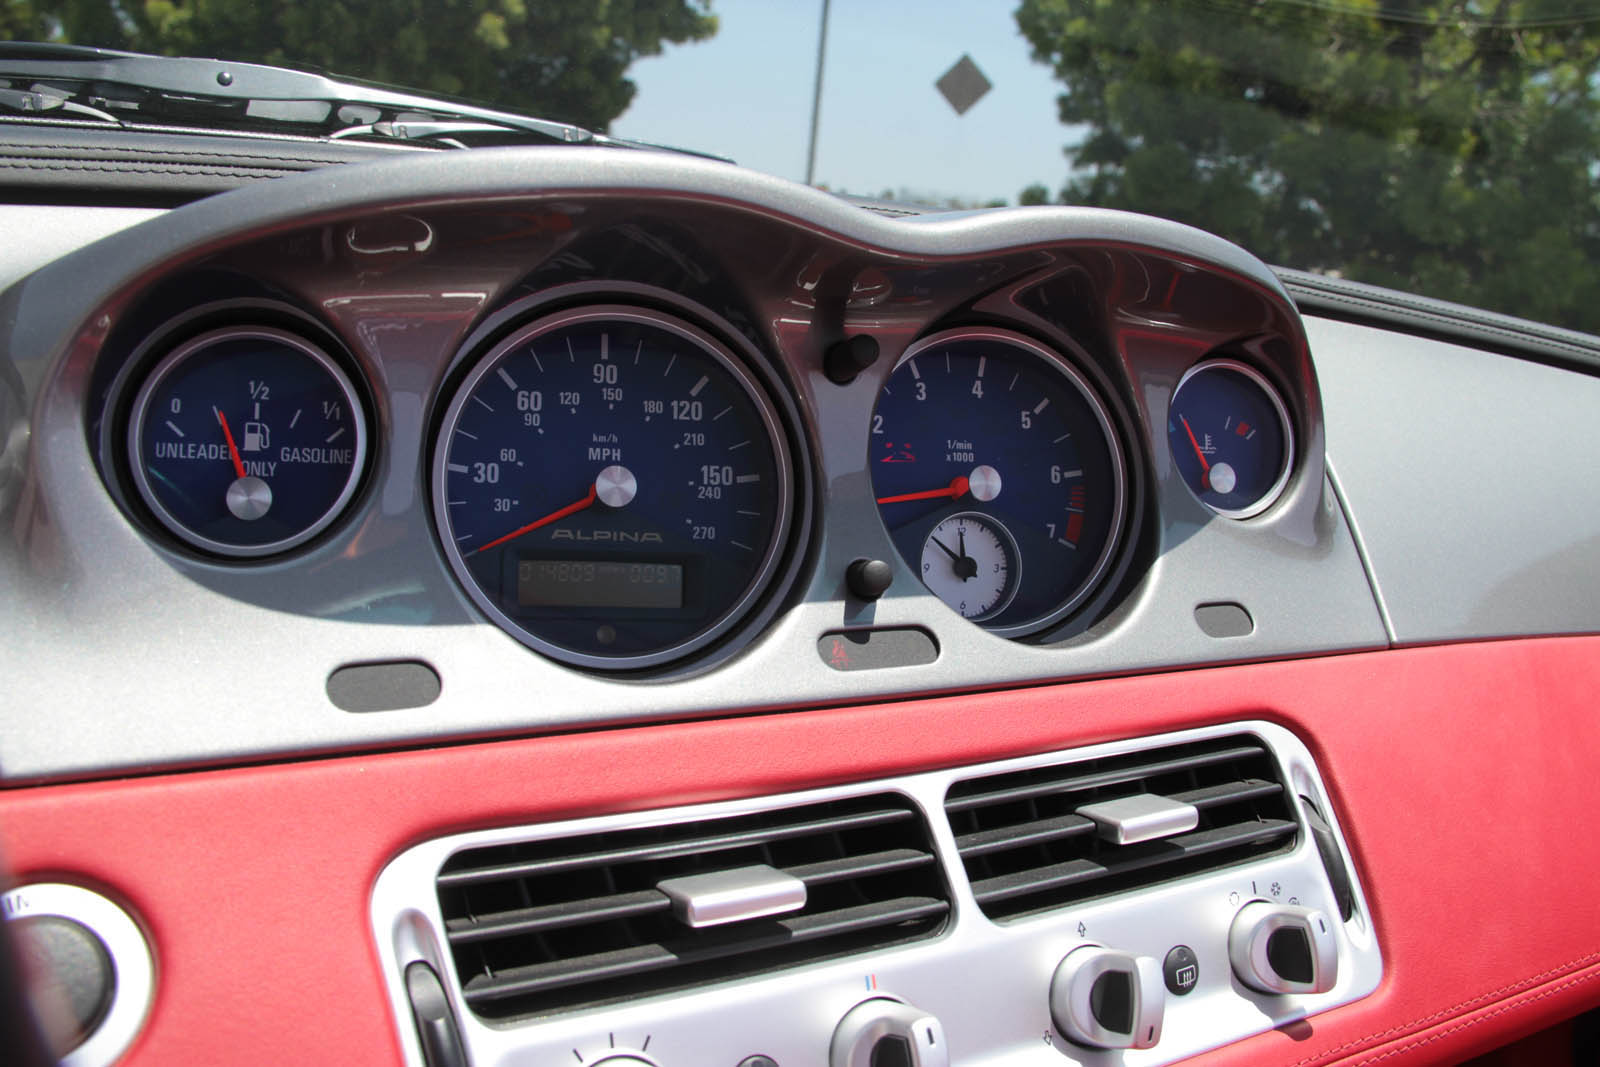 Alpina_Z8_Roadster_07